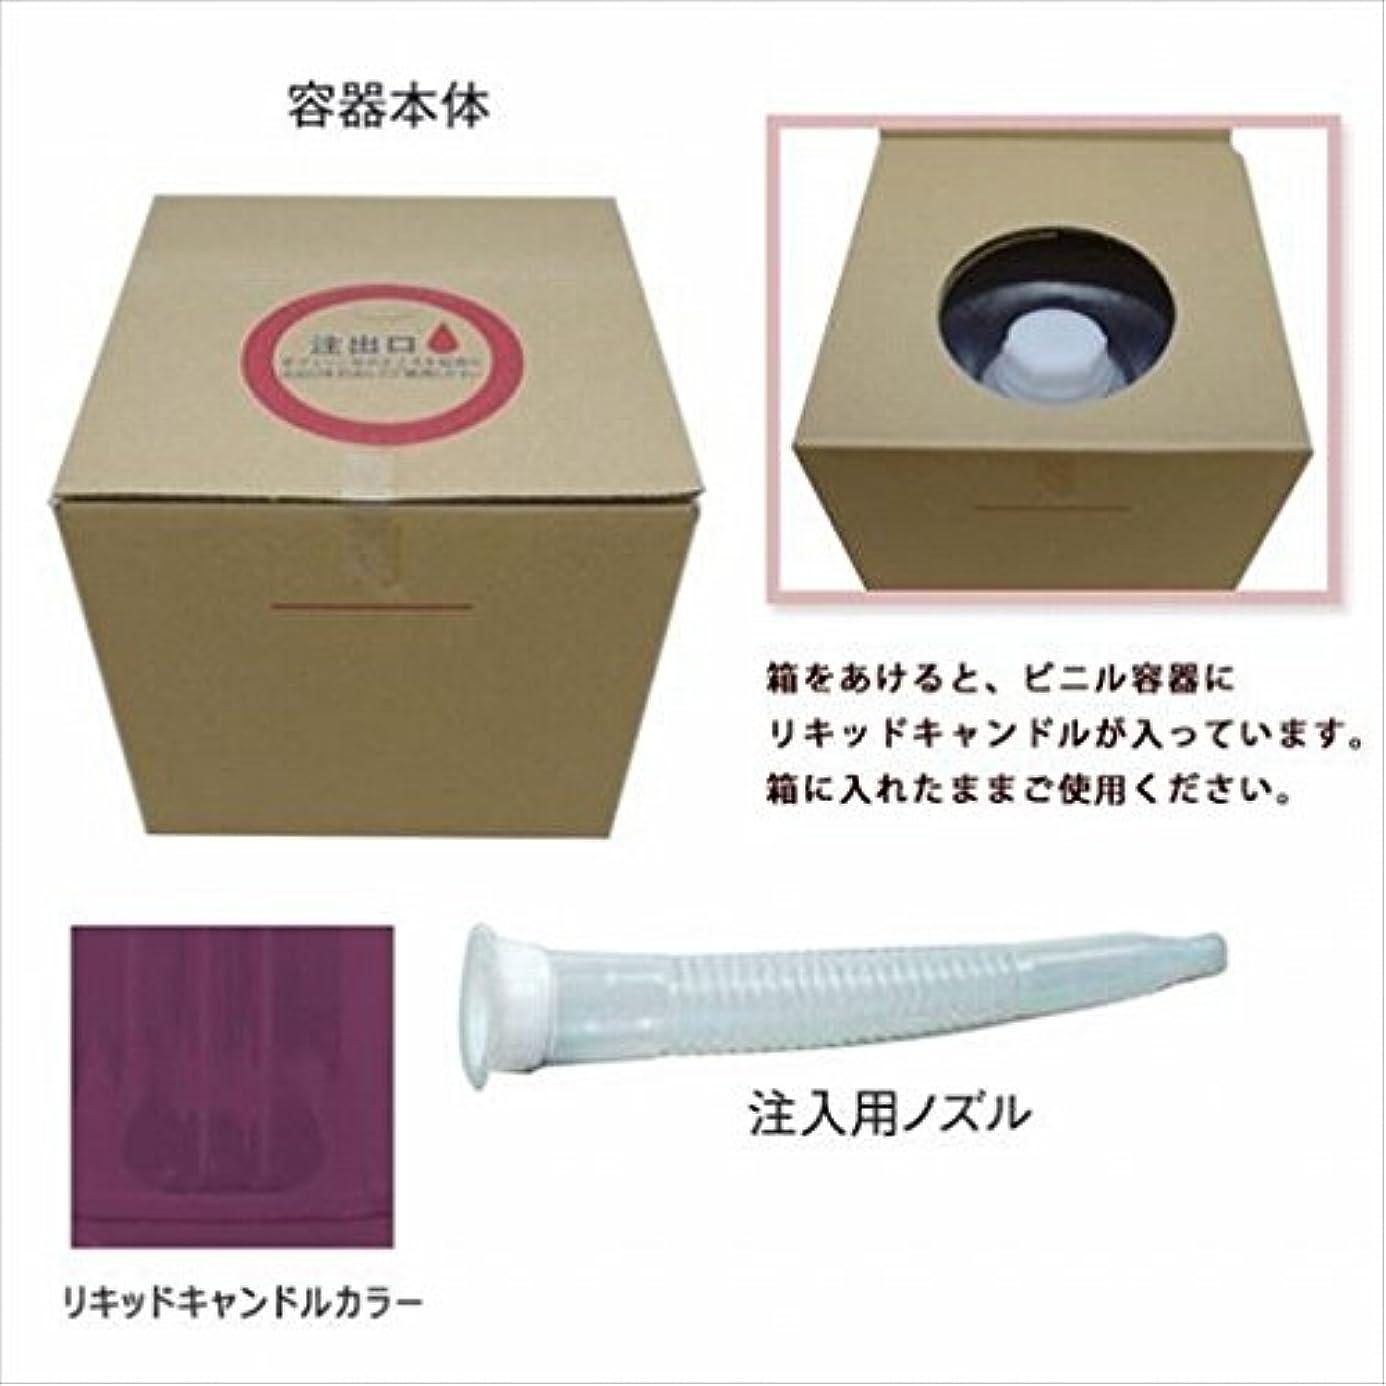 常習者壁紙投資カメヤマキャンドル(kameyama candle) リキッドキャンドル5リットル 「 バイオレット 」